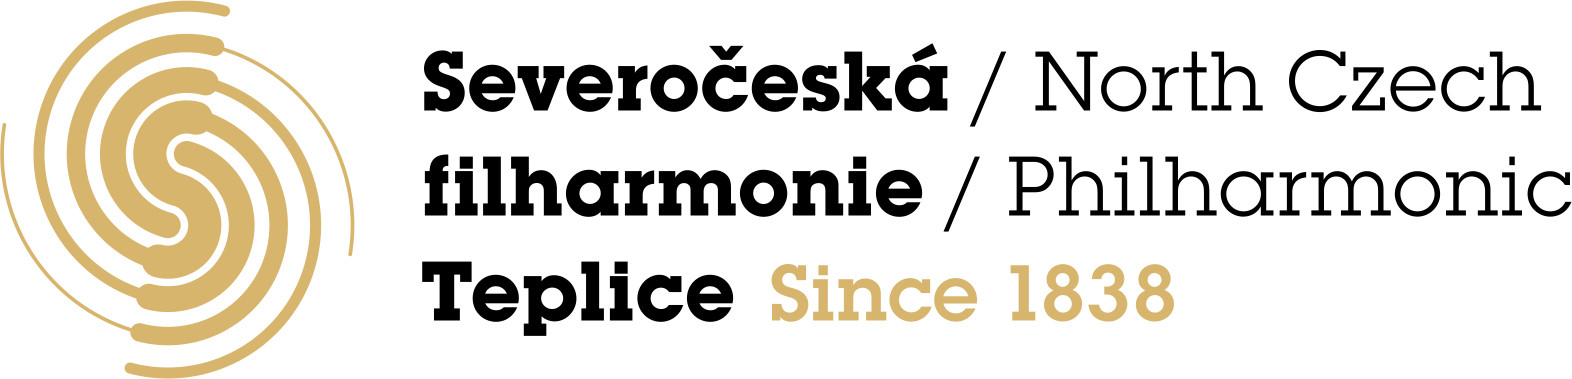 SCF Teplice logo gold